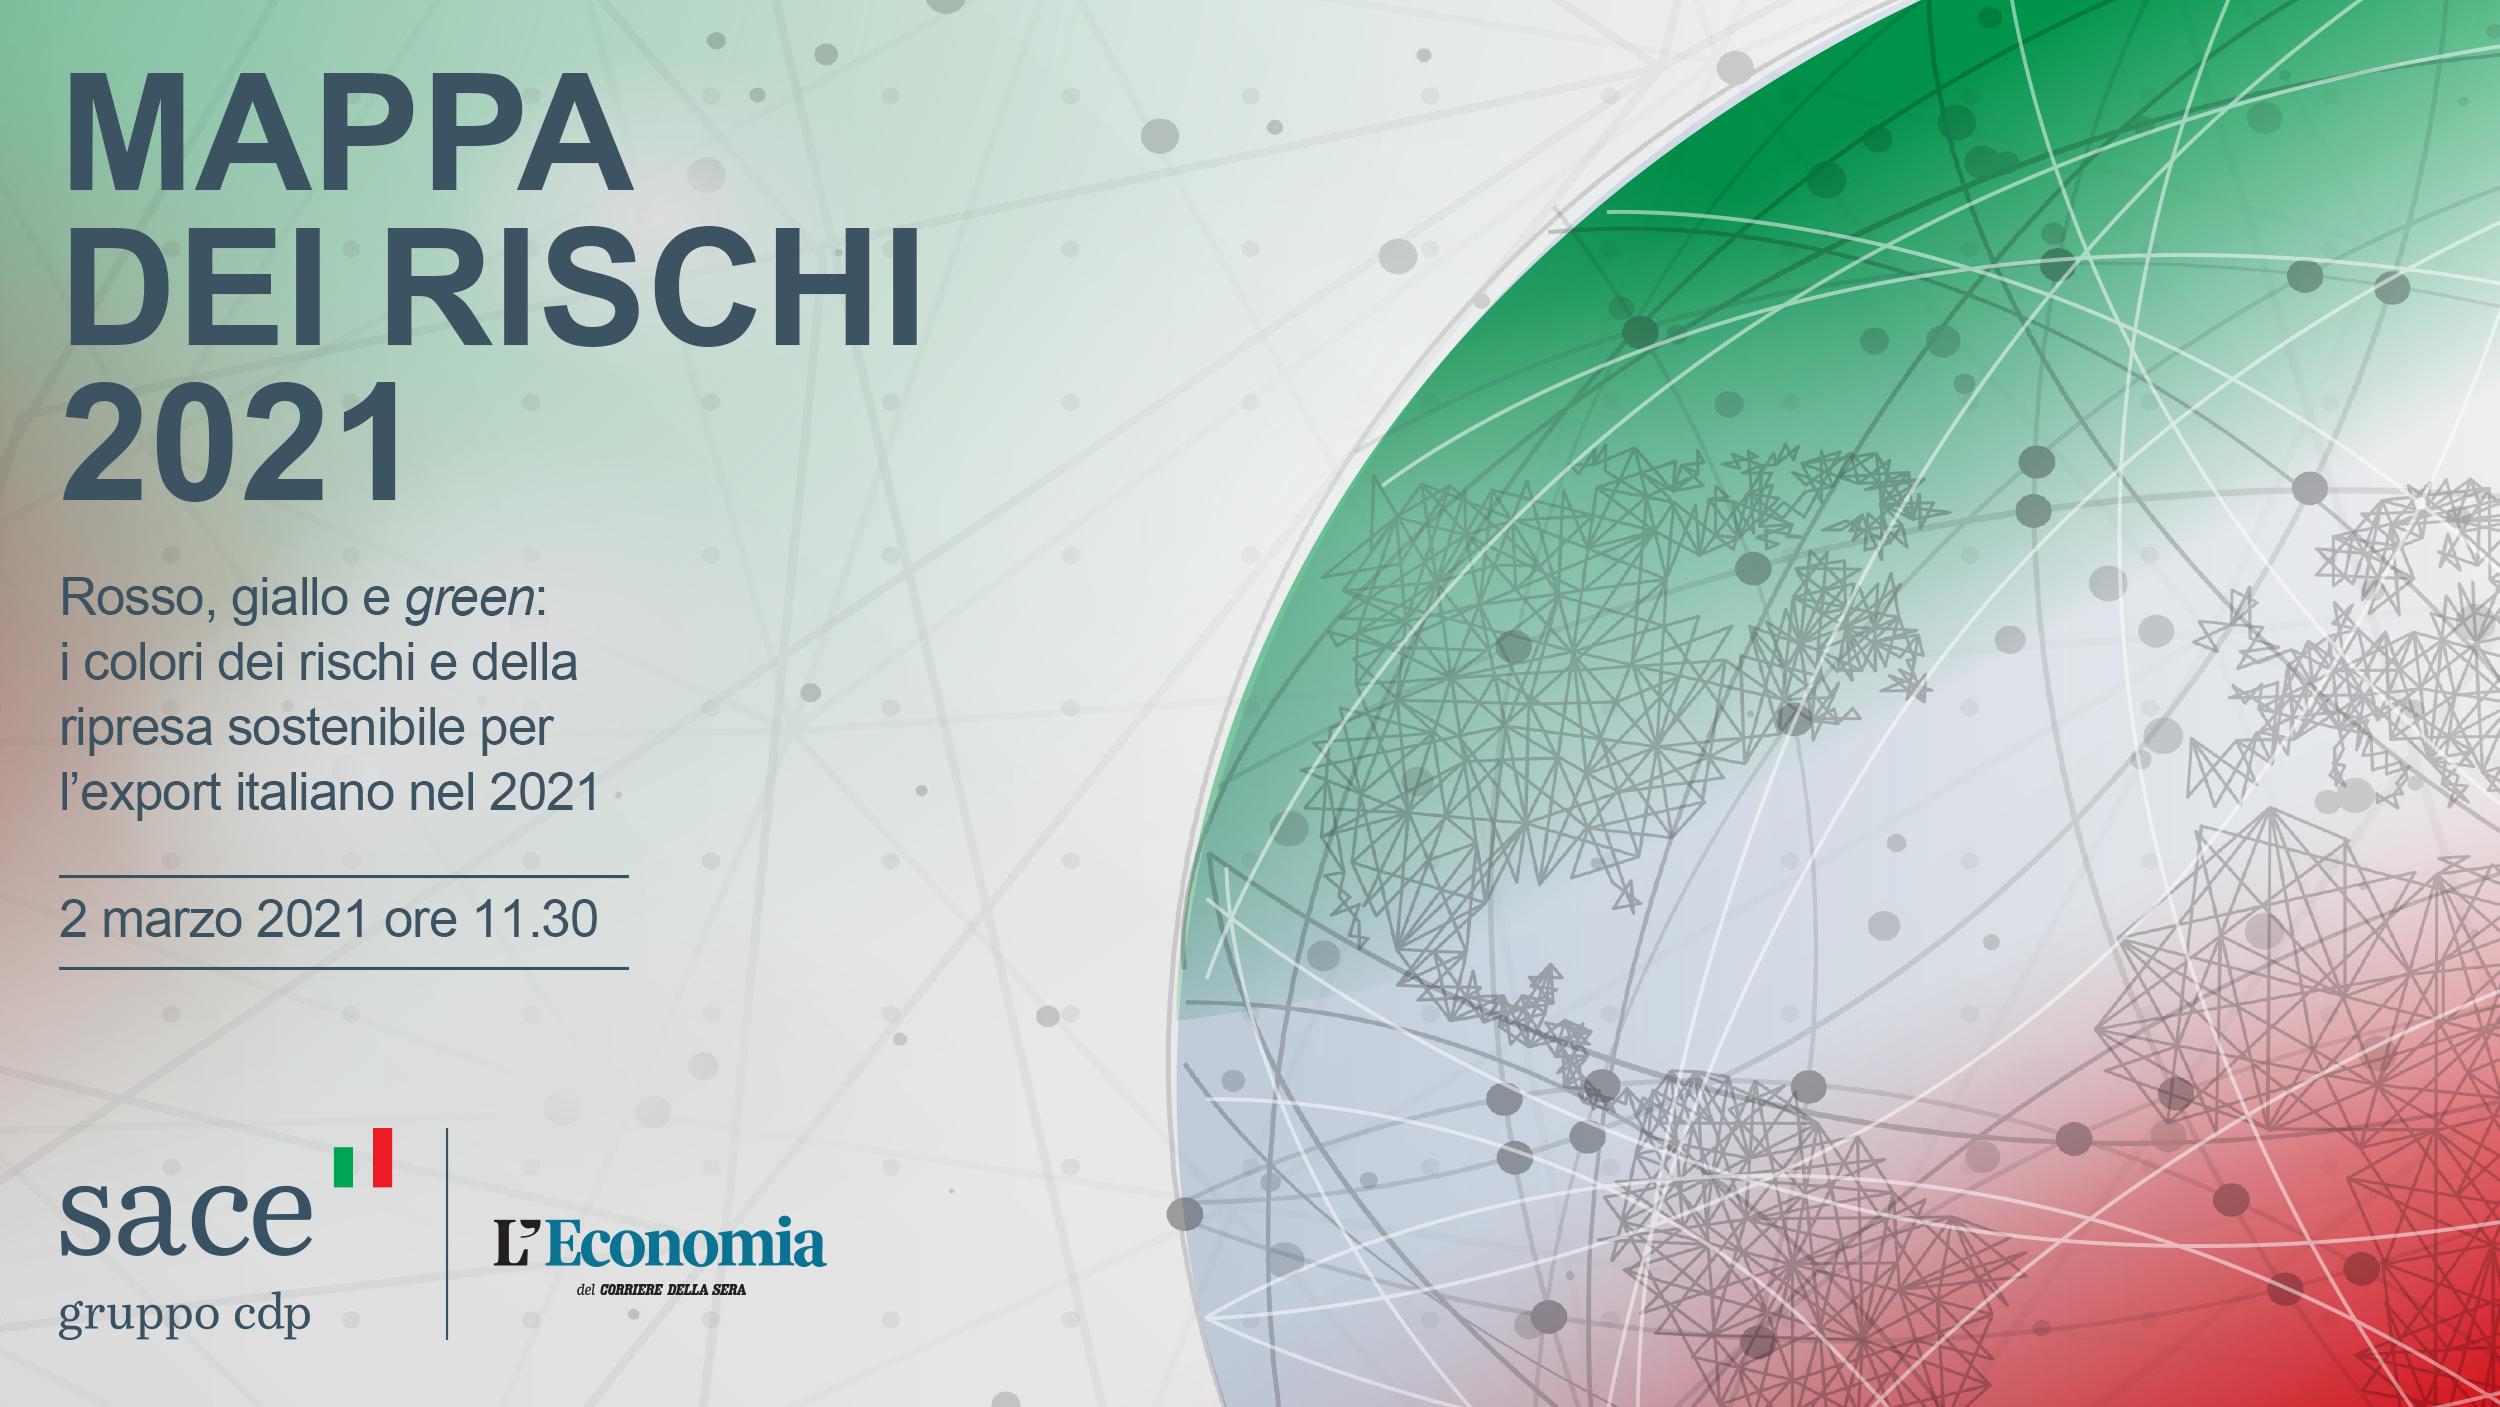 Rosso, giallo e green: i colori dei rischi e della ripresa sostenibile per l'export italiano nel 2021 | Presentazione Mappa dei Rischi